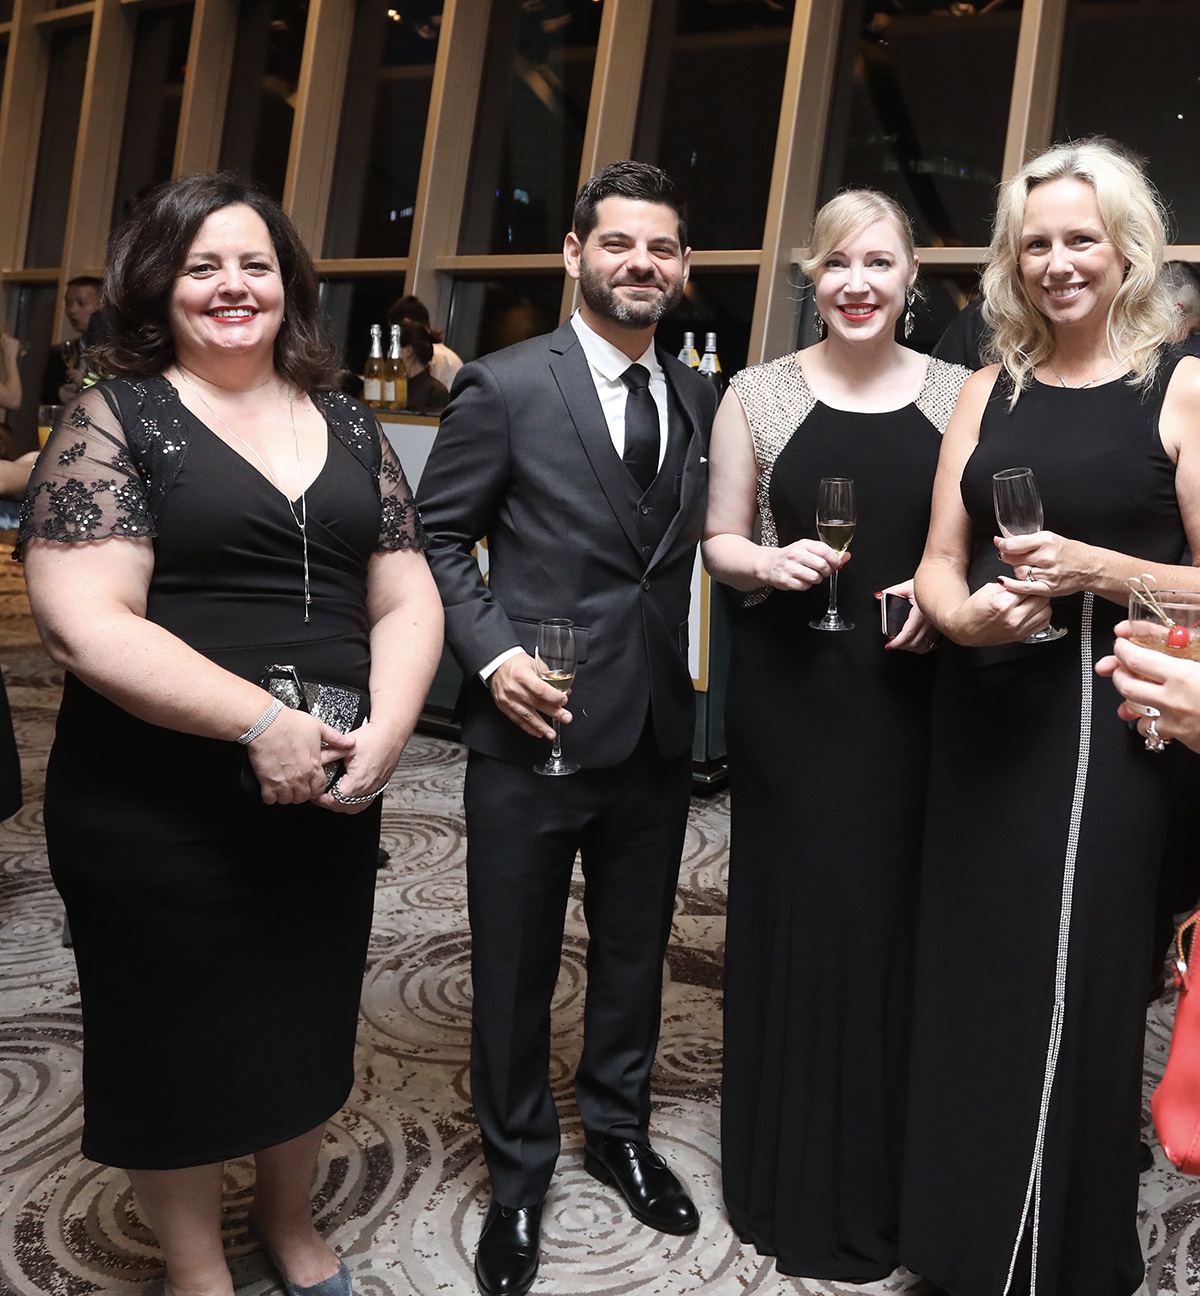 En habit de gala, entouré de Brigitte et d'Hélène, la présidente de la CanCham.